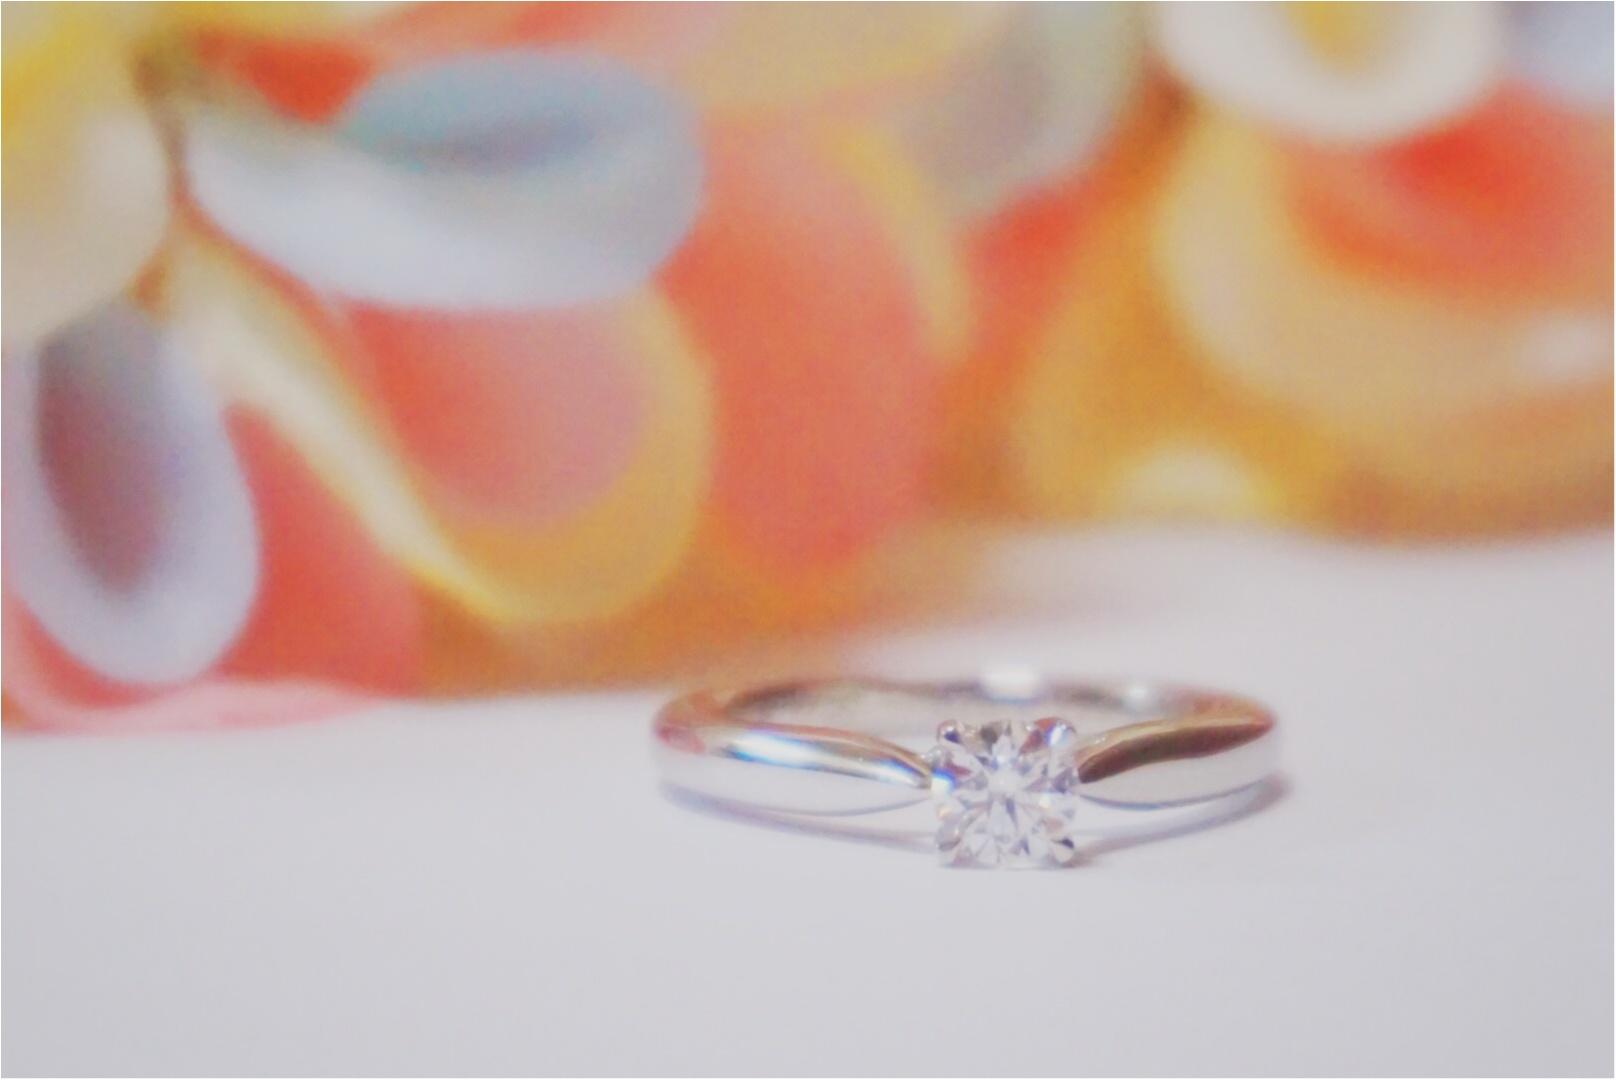 エンゲージリングは『好きなものを選んで欲しい』♡べルギー王室御用達‼︎世界で1番美しいと実証されたダイヤモンドを君に♡︎_3